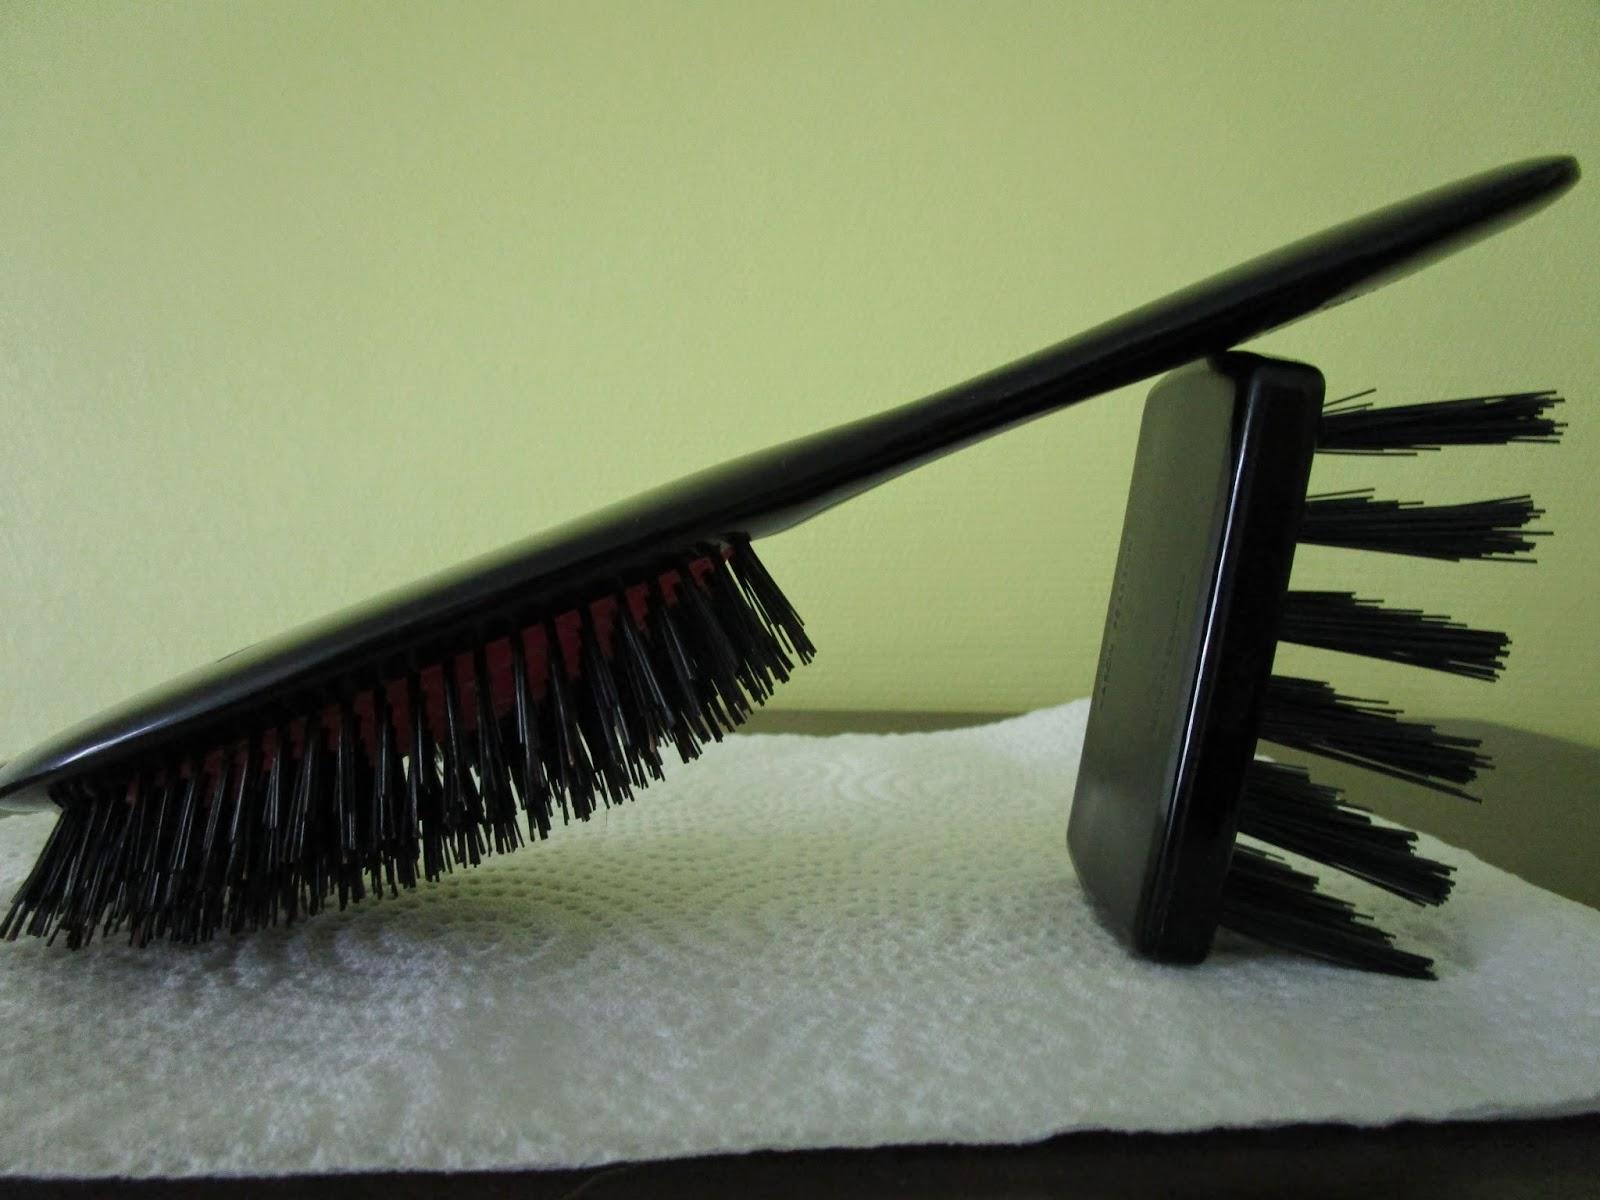 Le nettoyage de salon de la personne